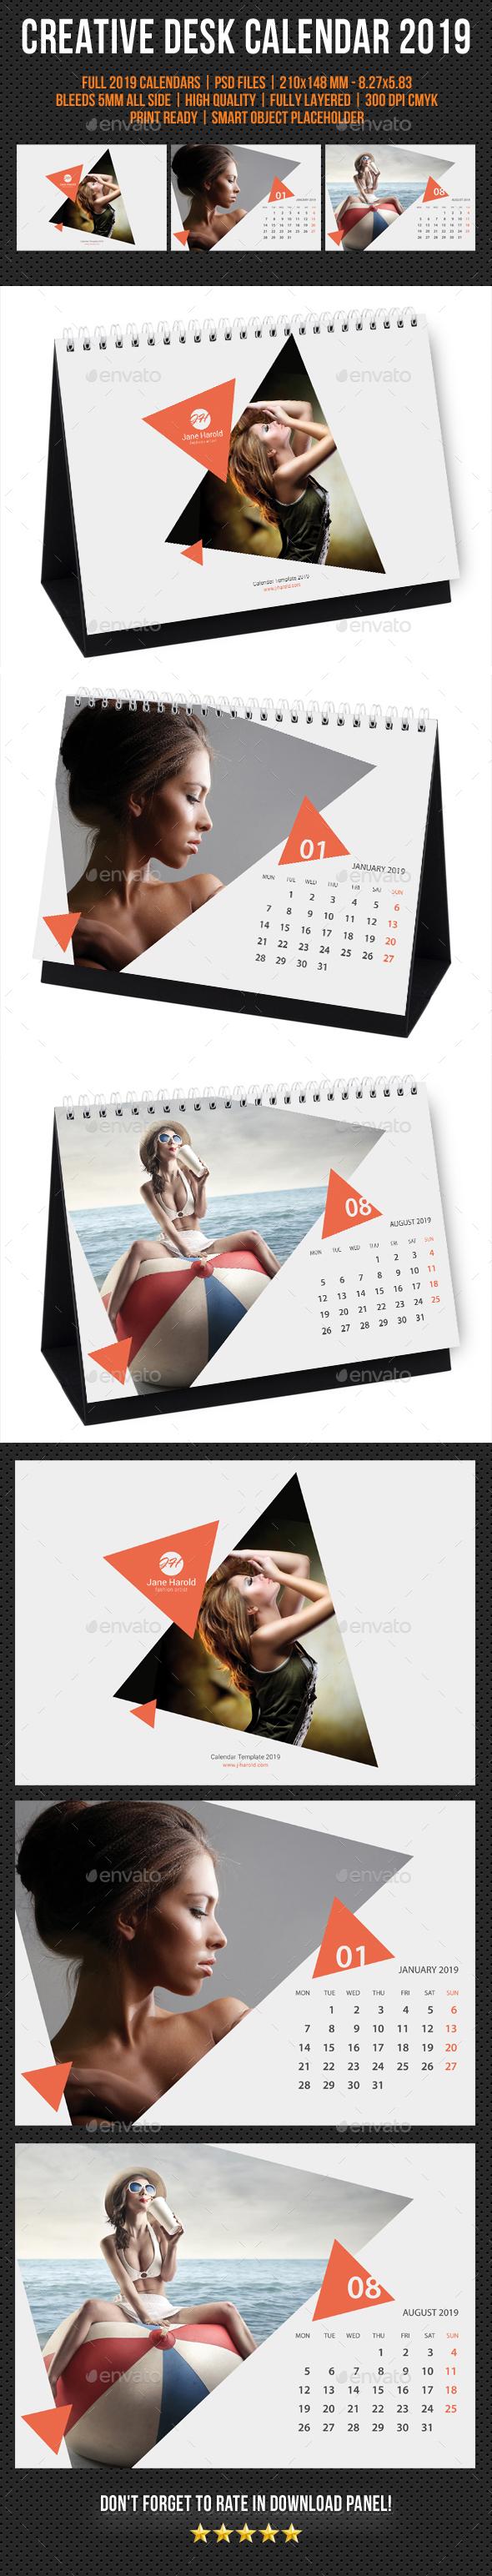 Creative Desk Calendar 2019 V27 - Calendars Stationery